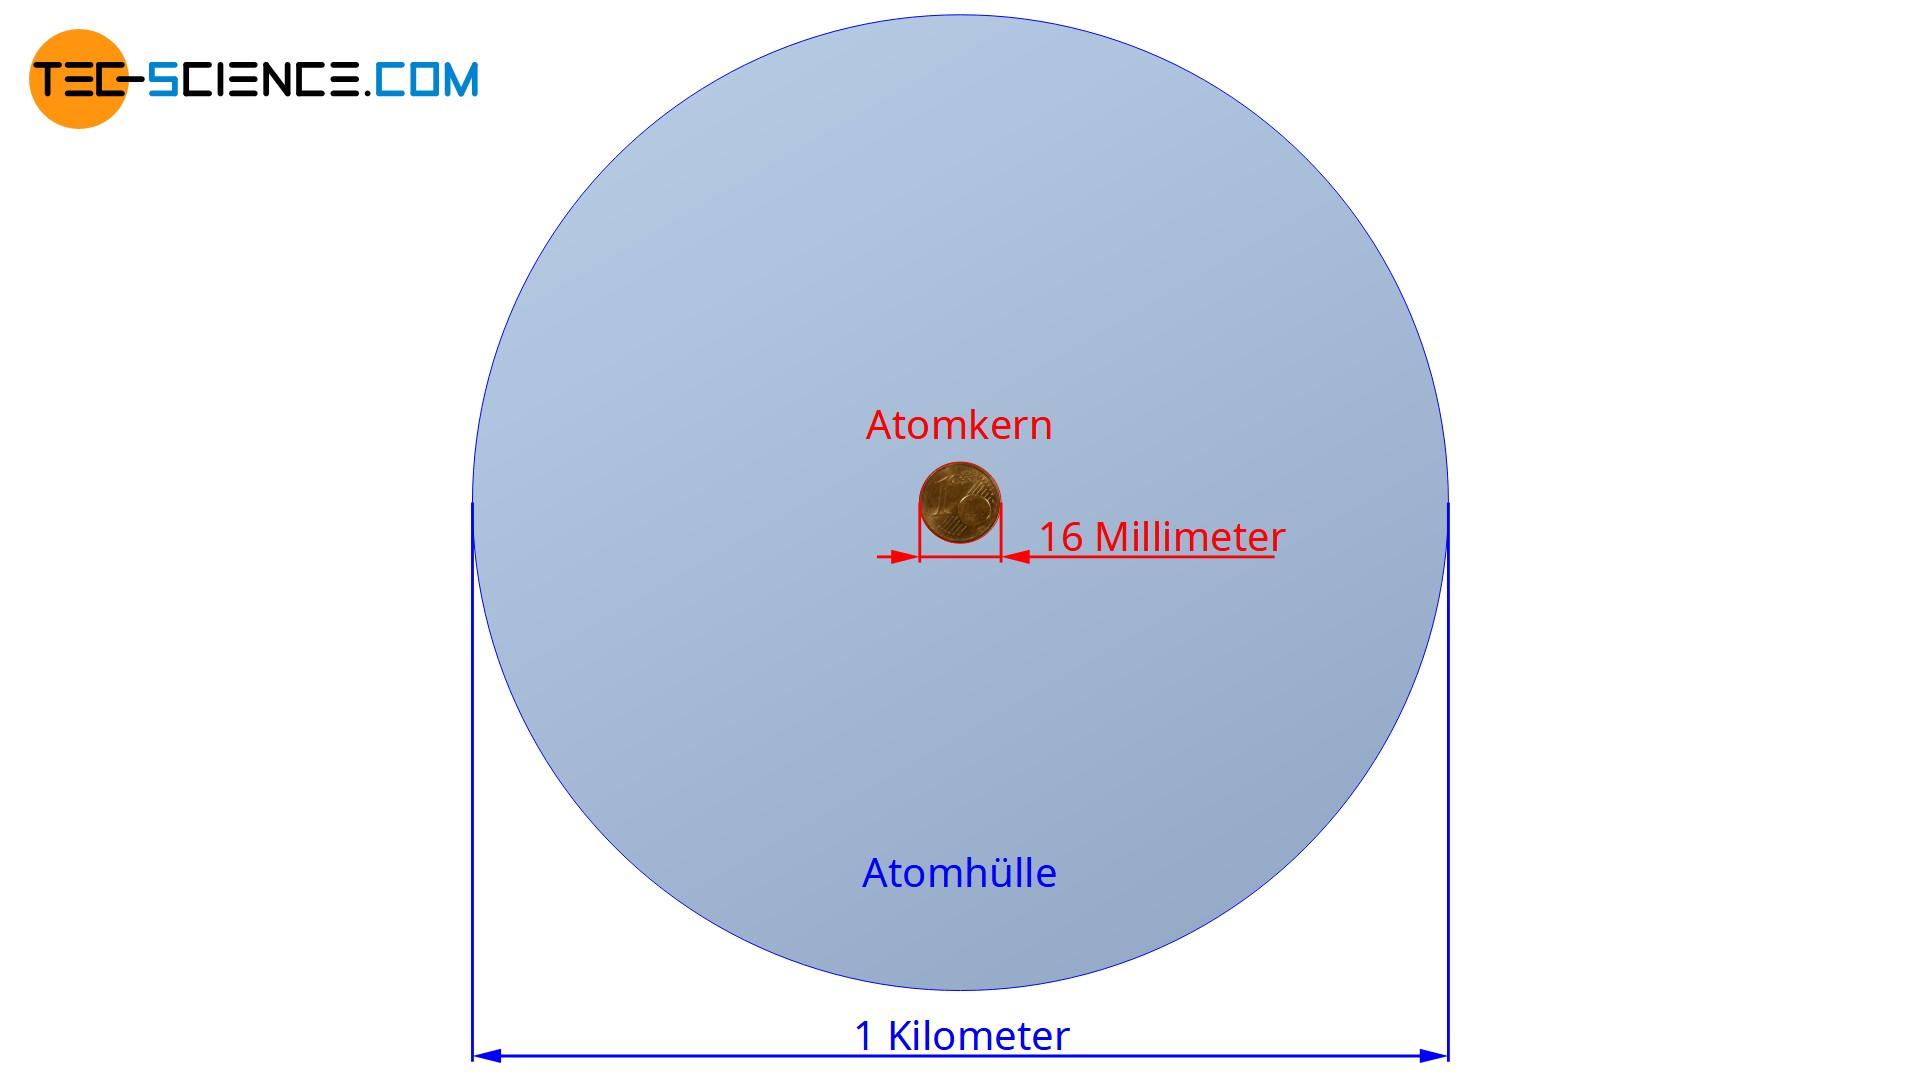 Größenvergleich eines Atomkerns und seiner Hülle